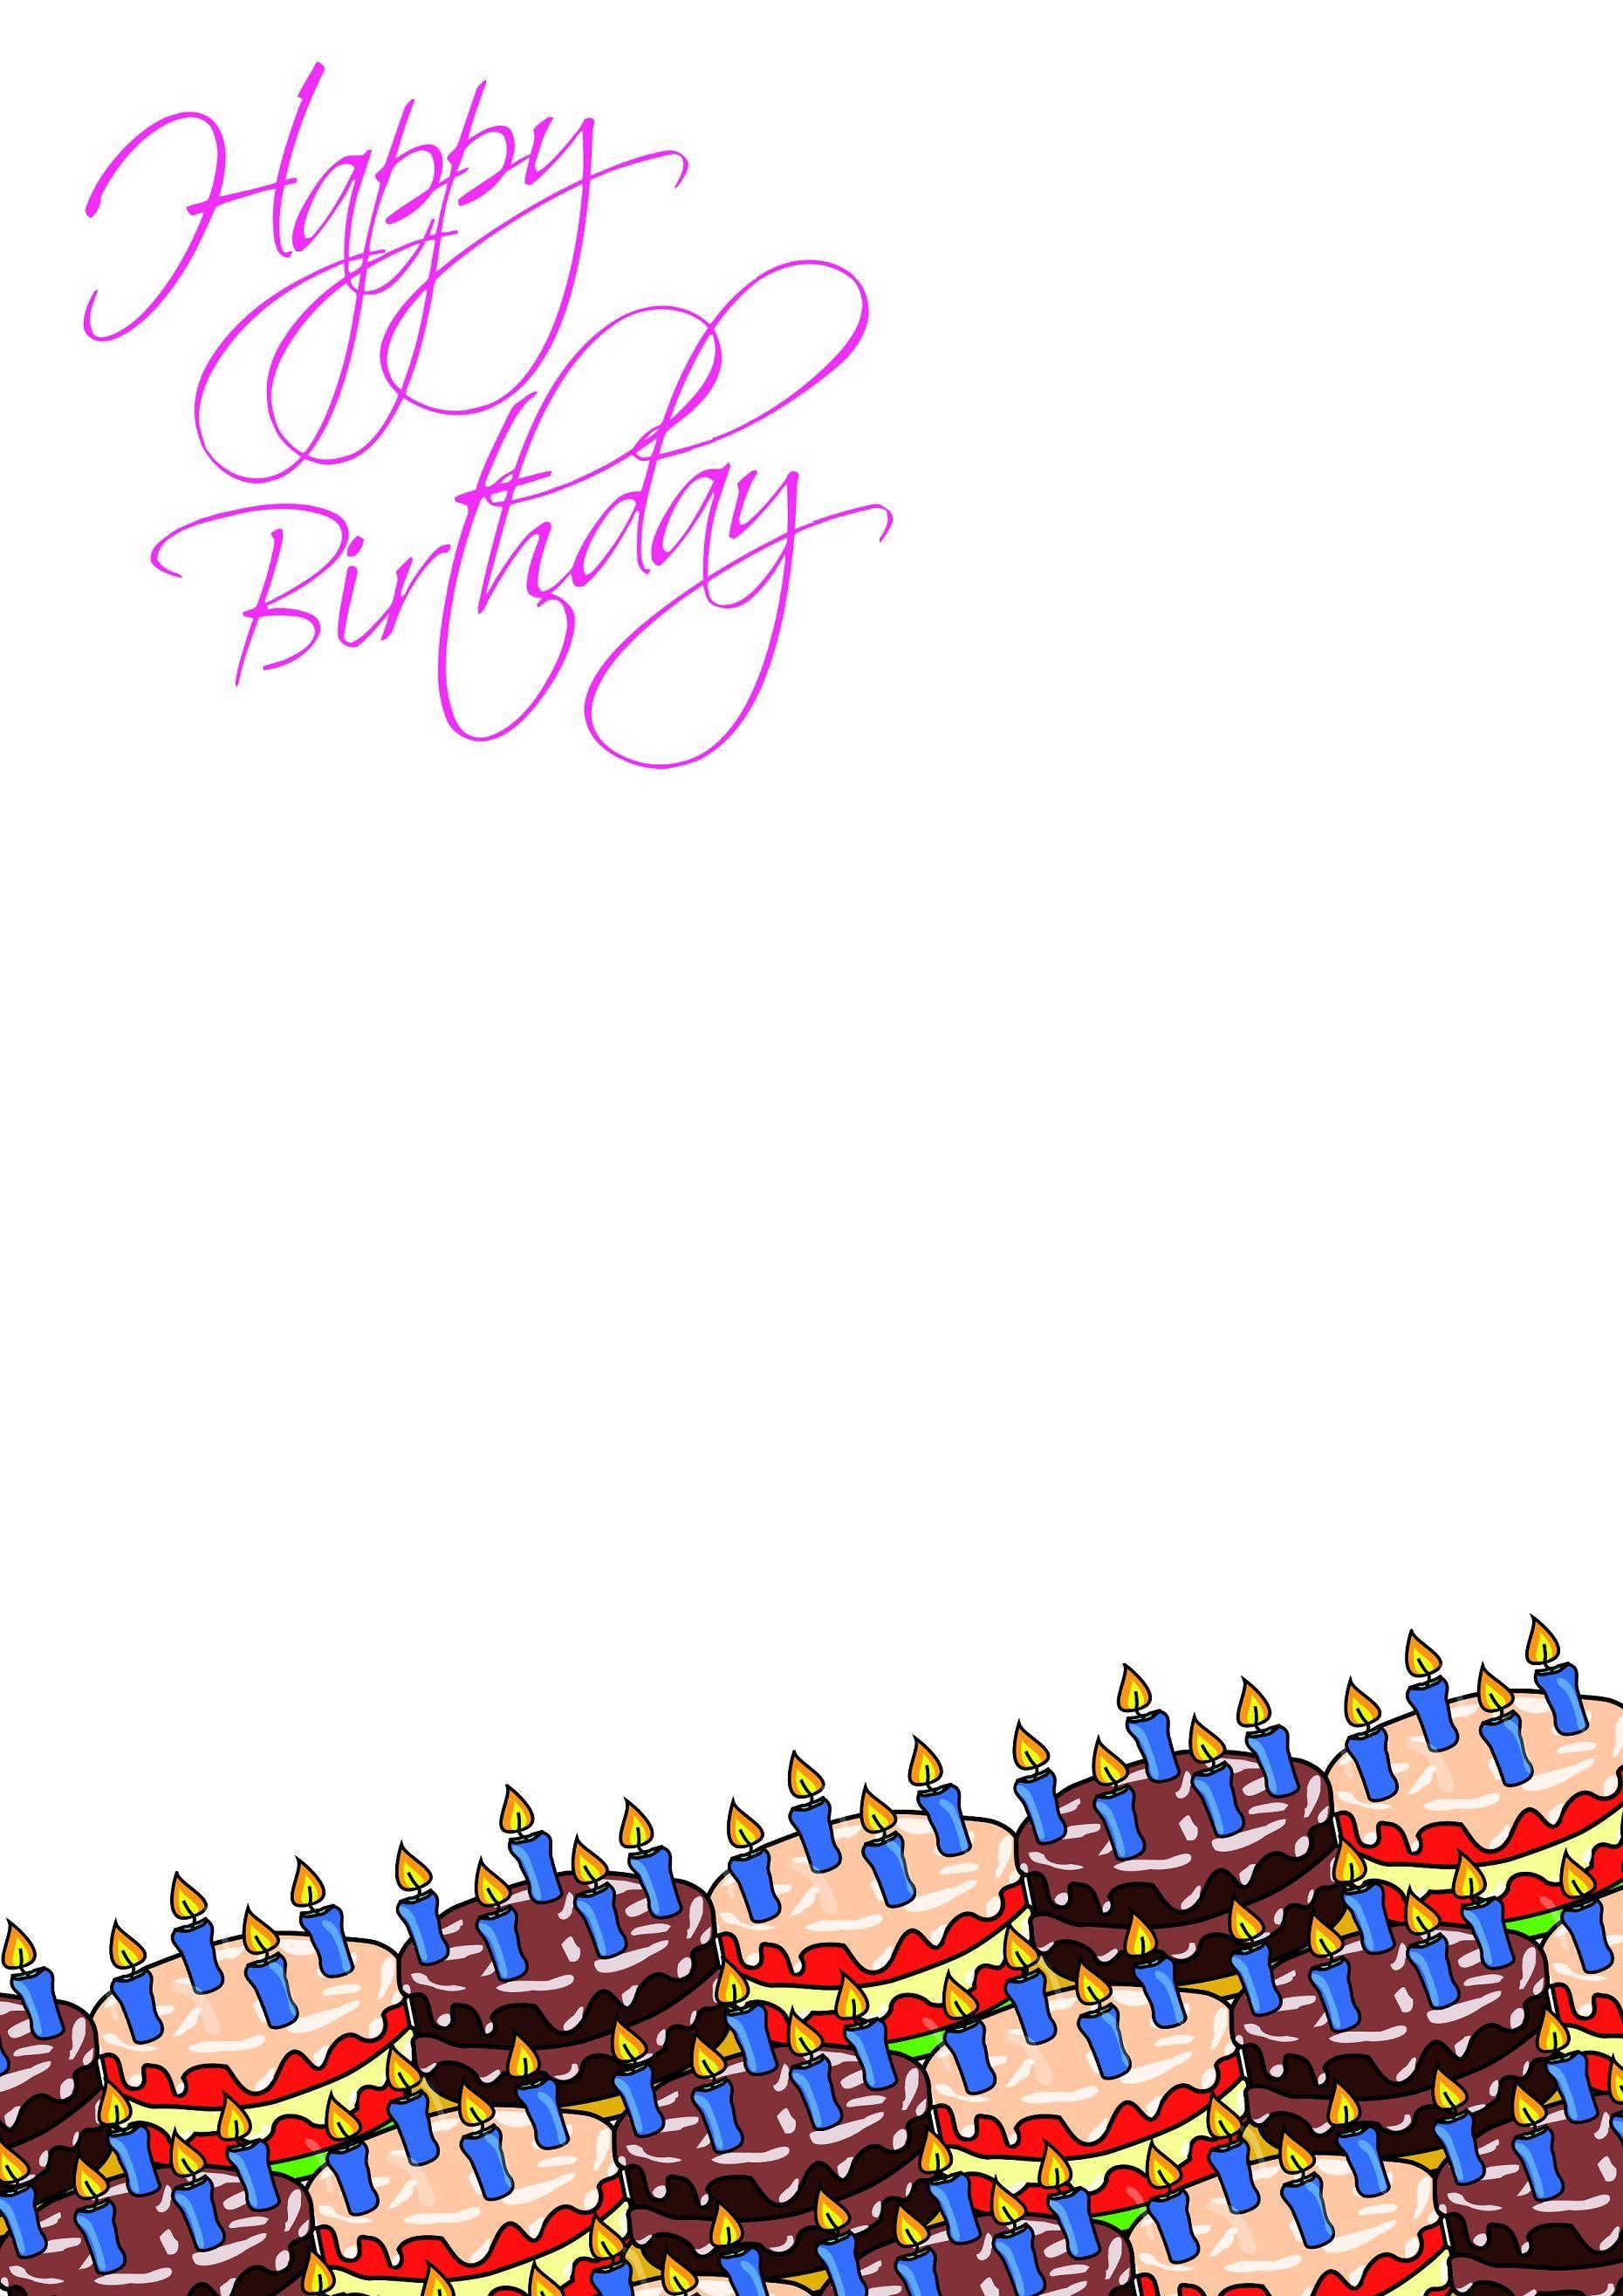 Geburstags Briefpapier Vorlagen Birthday Cake In 2020 Briefpapier Weihnachten Briefpapier Vorlage Briefpapier